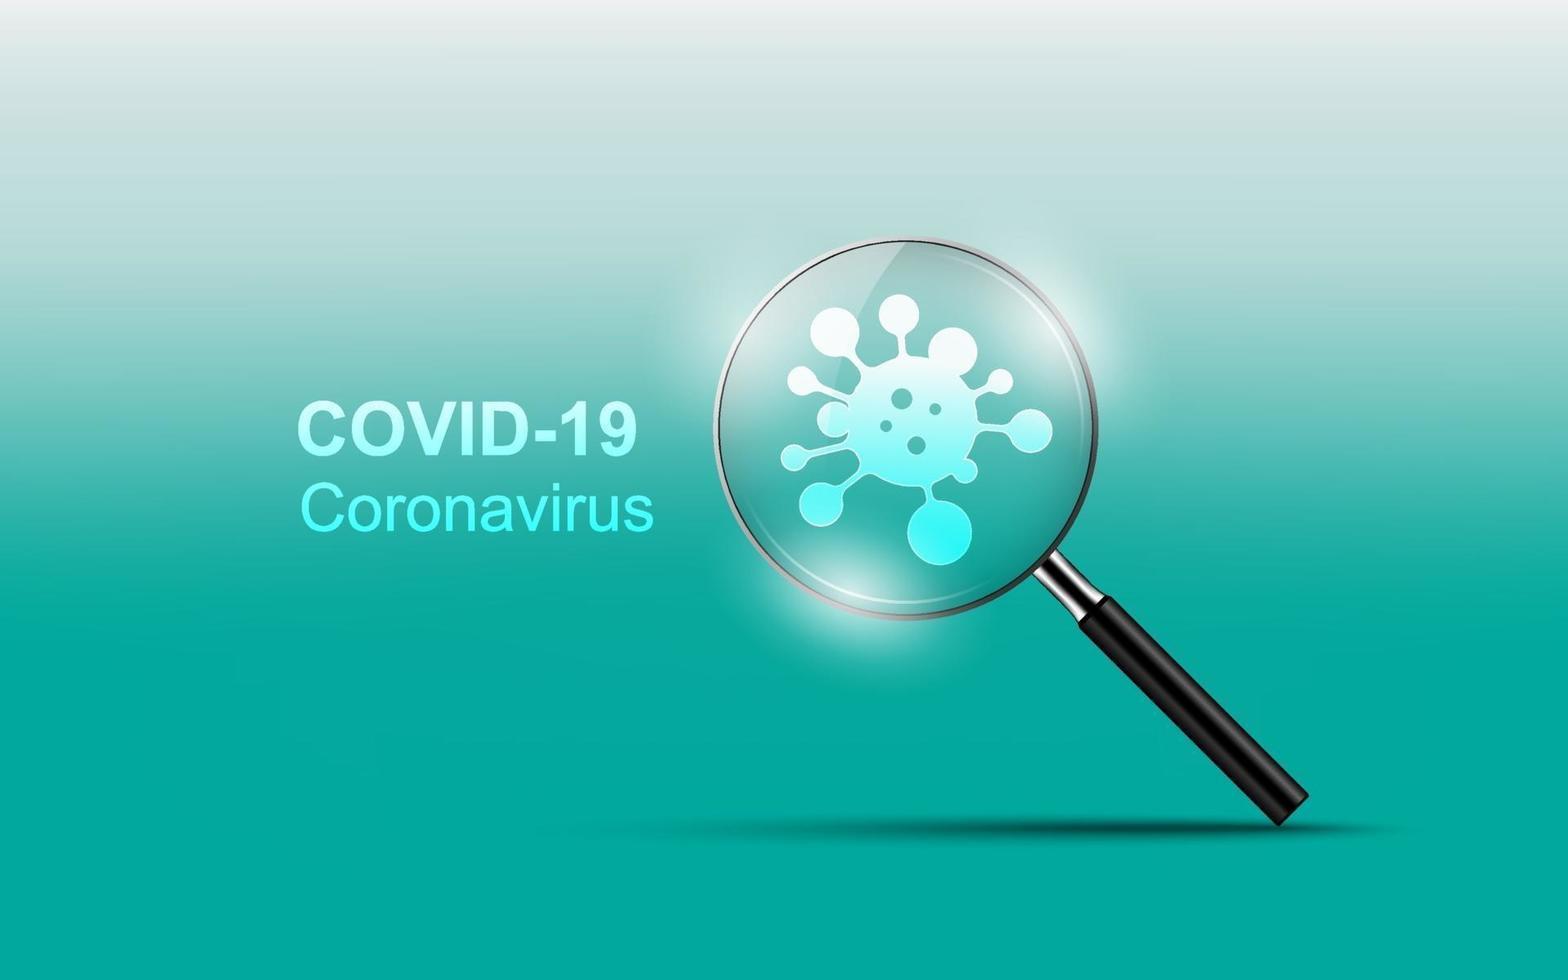 doença coronavírus covid-19 infecção médica com lupa vetor